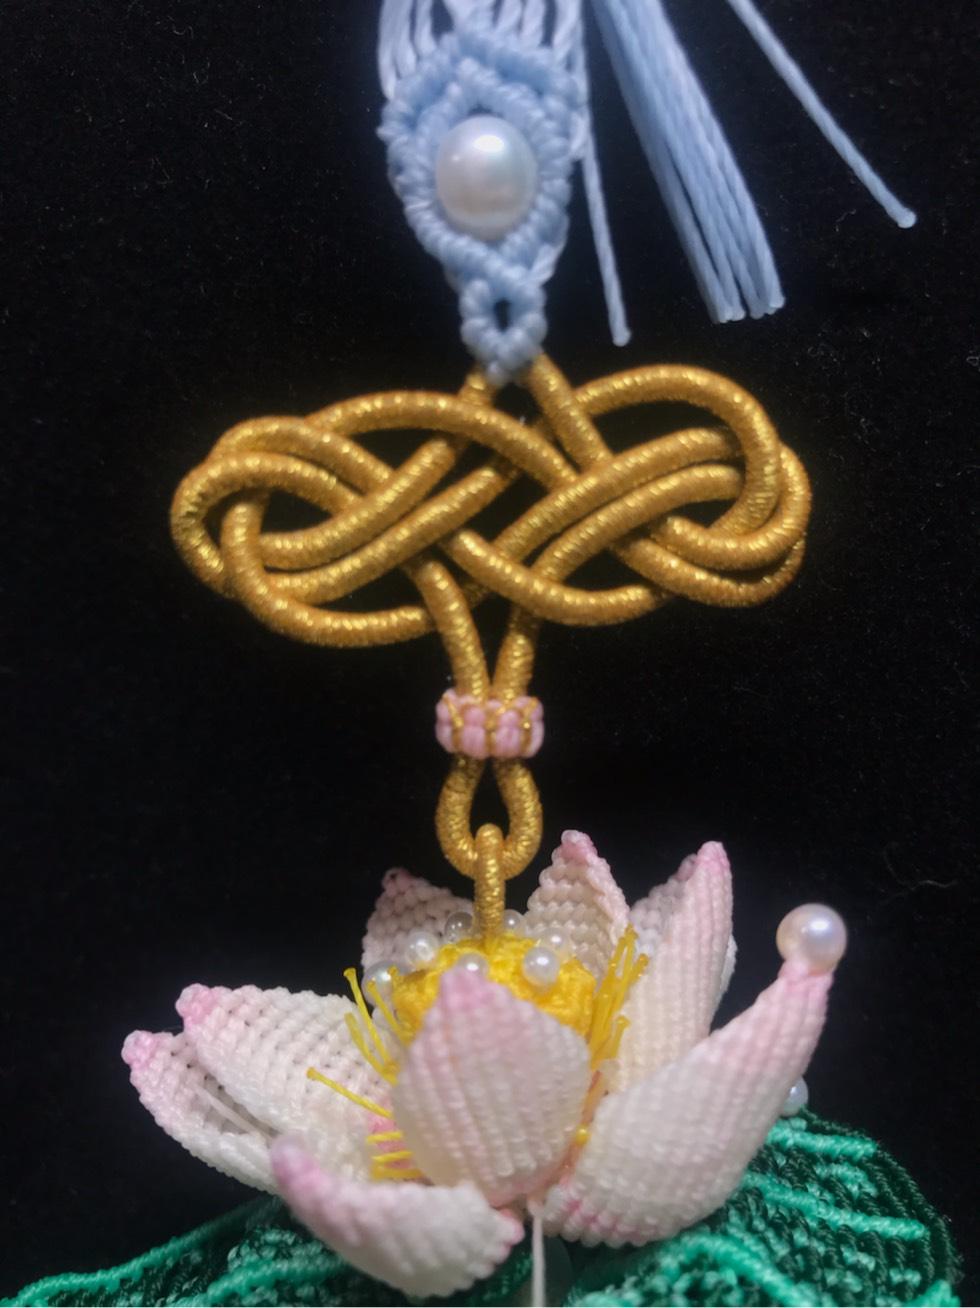 中国结论坛 莲 带莲的诗句,莲组词,莲含义,荷花,描写莲的诗 作品展示 194029rtwh4hzh4k7zv14z